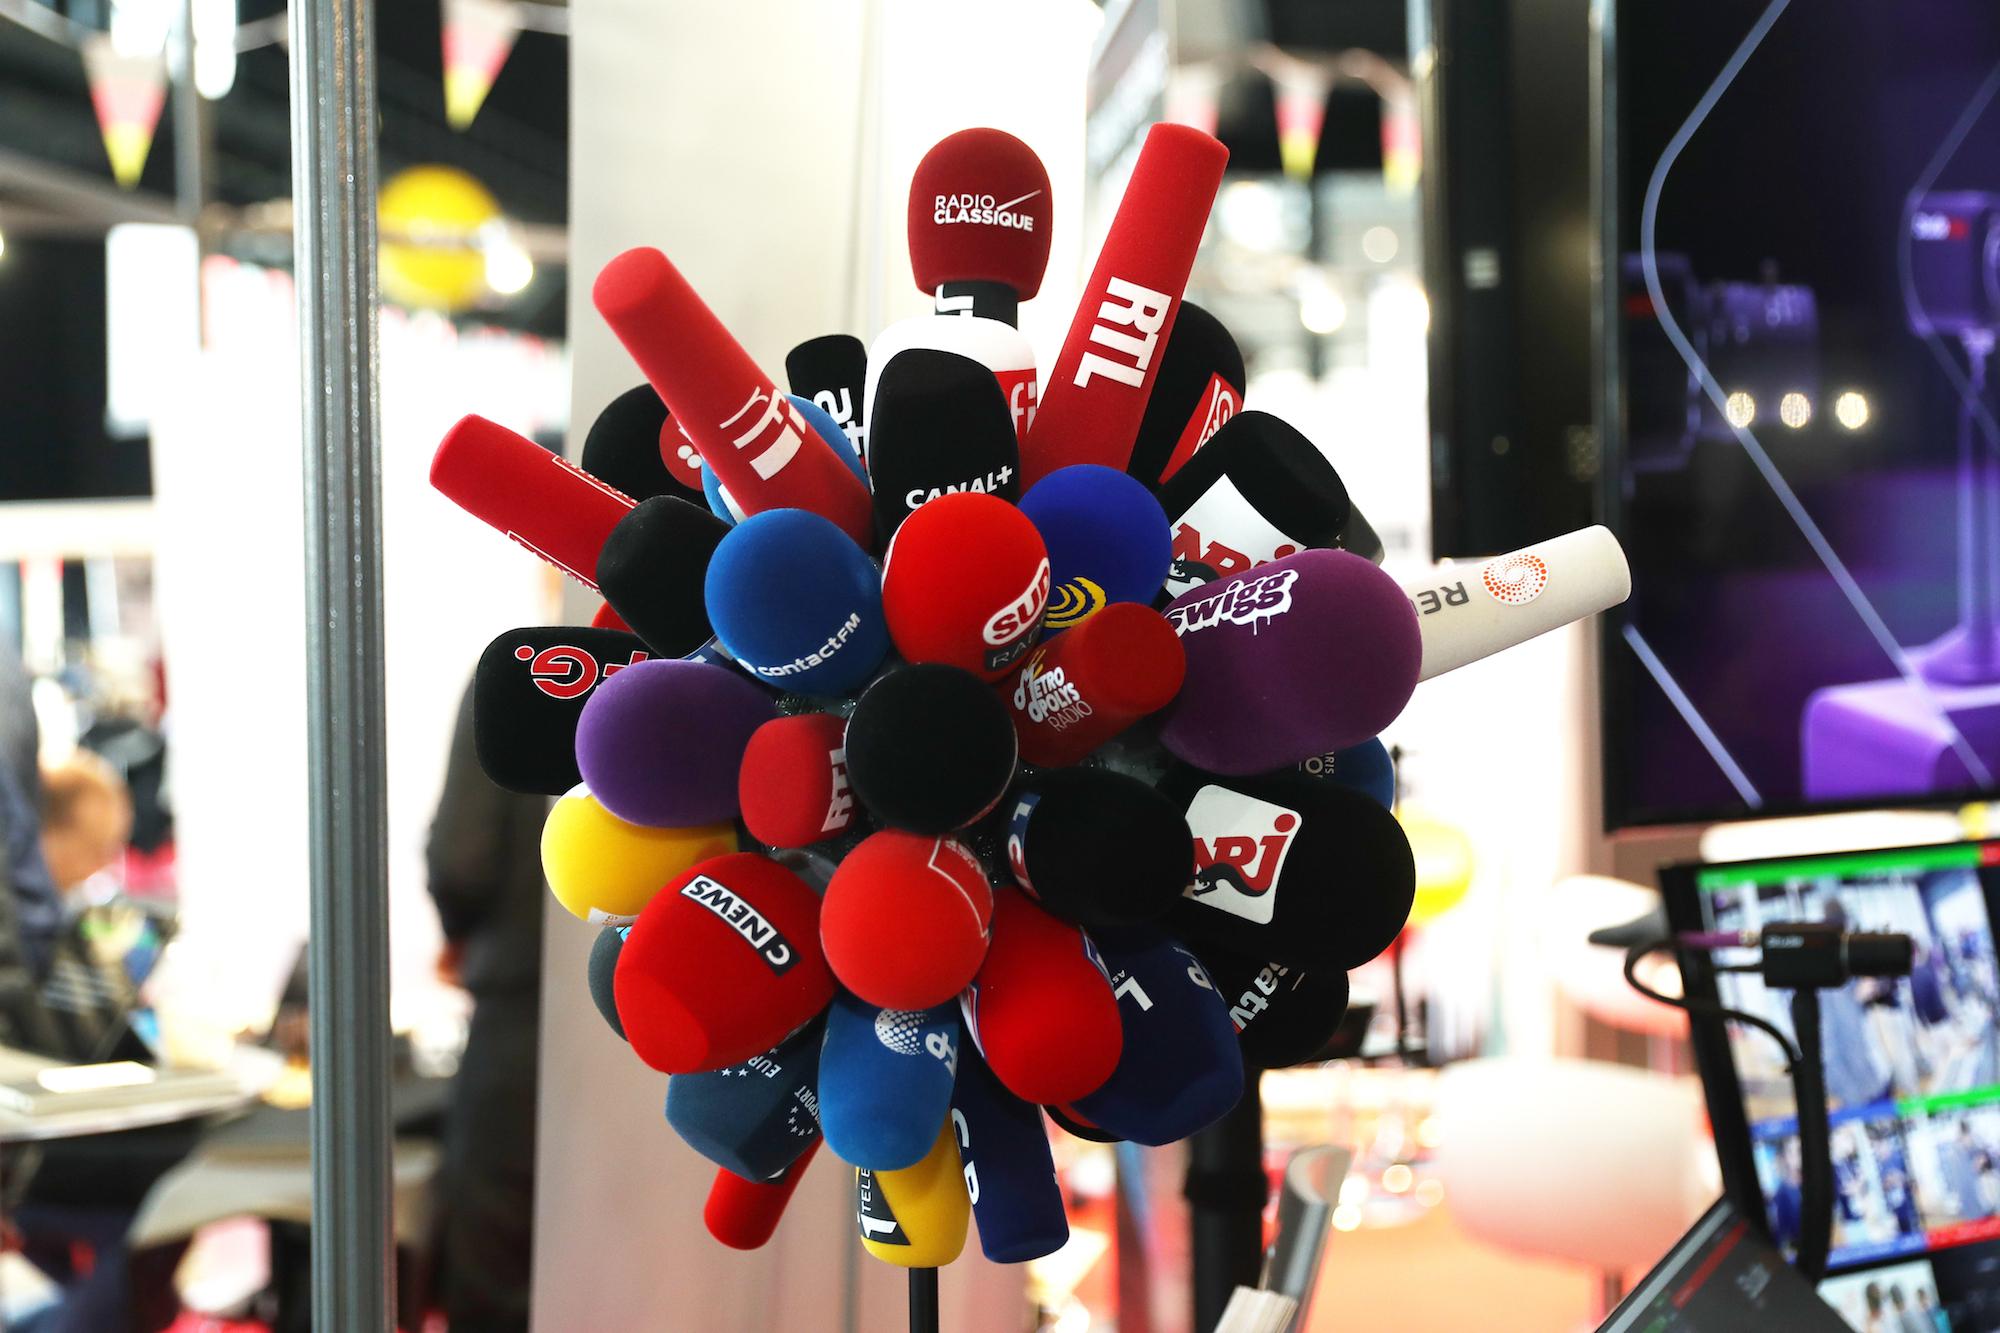 Un beau bouquet de bonnettes pour débuter cette deuxième journée au Salon de la Radio et de l'Audio Digital